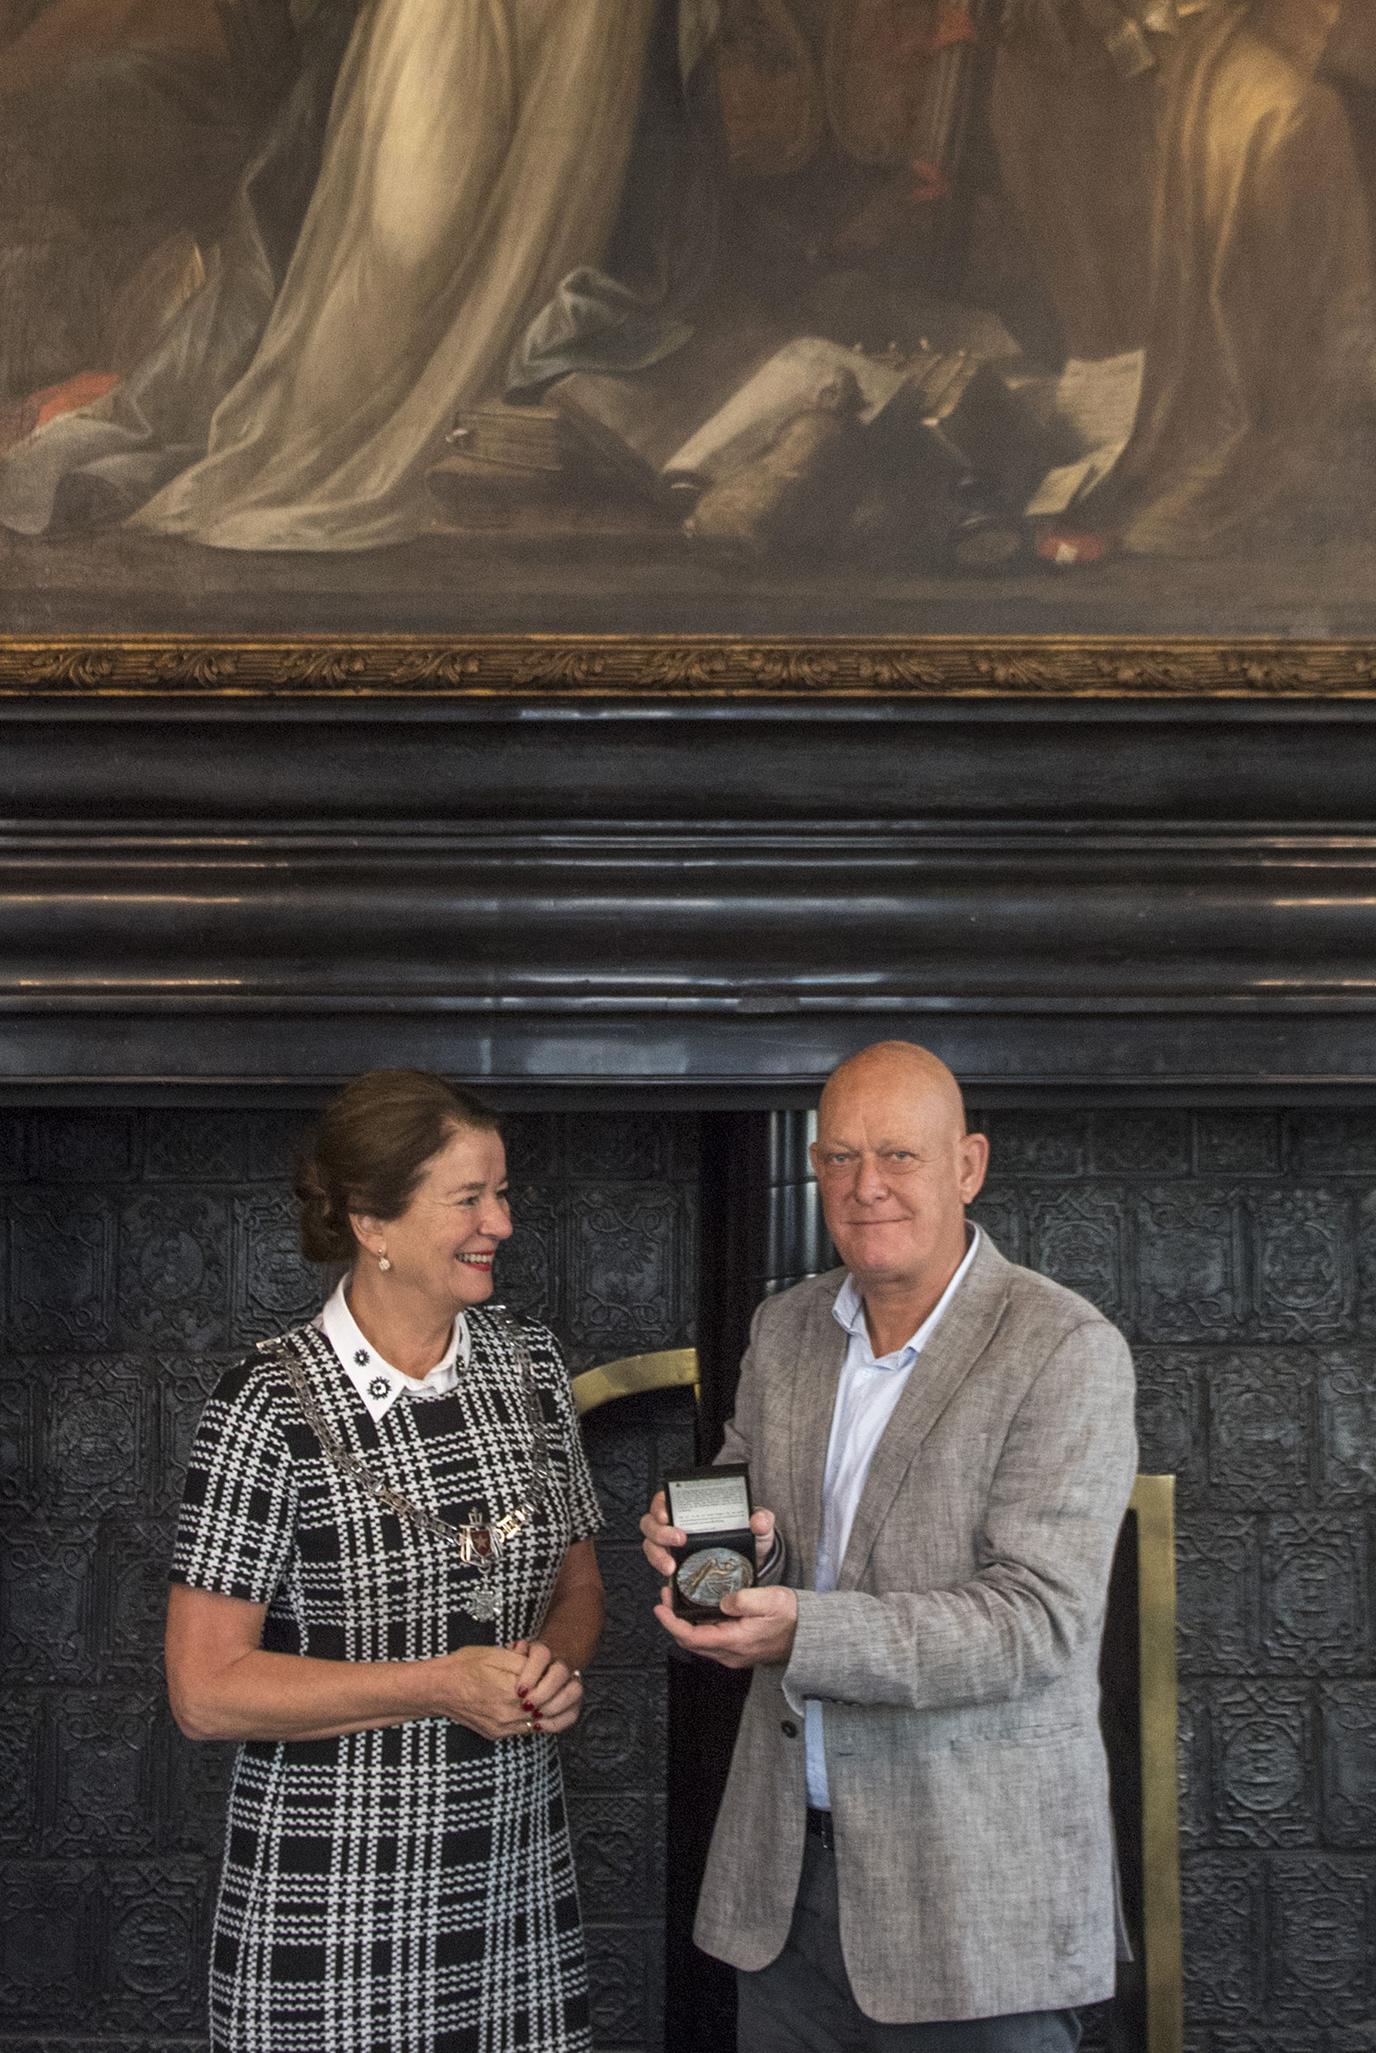 Burgemeester Annemarie Penn-te Strake reikt de Trichter uit aan Joland Slangen